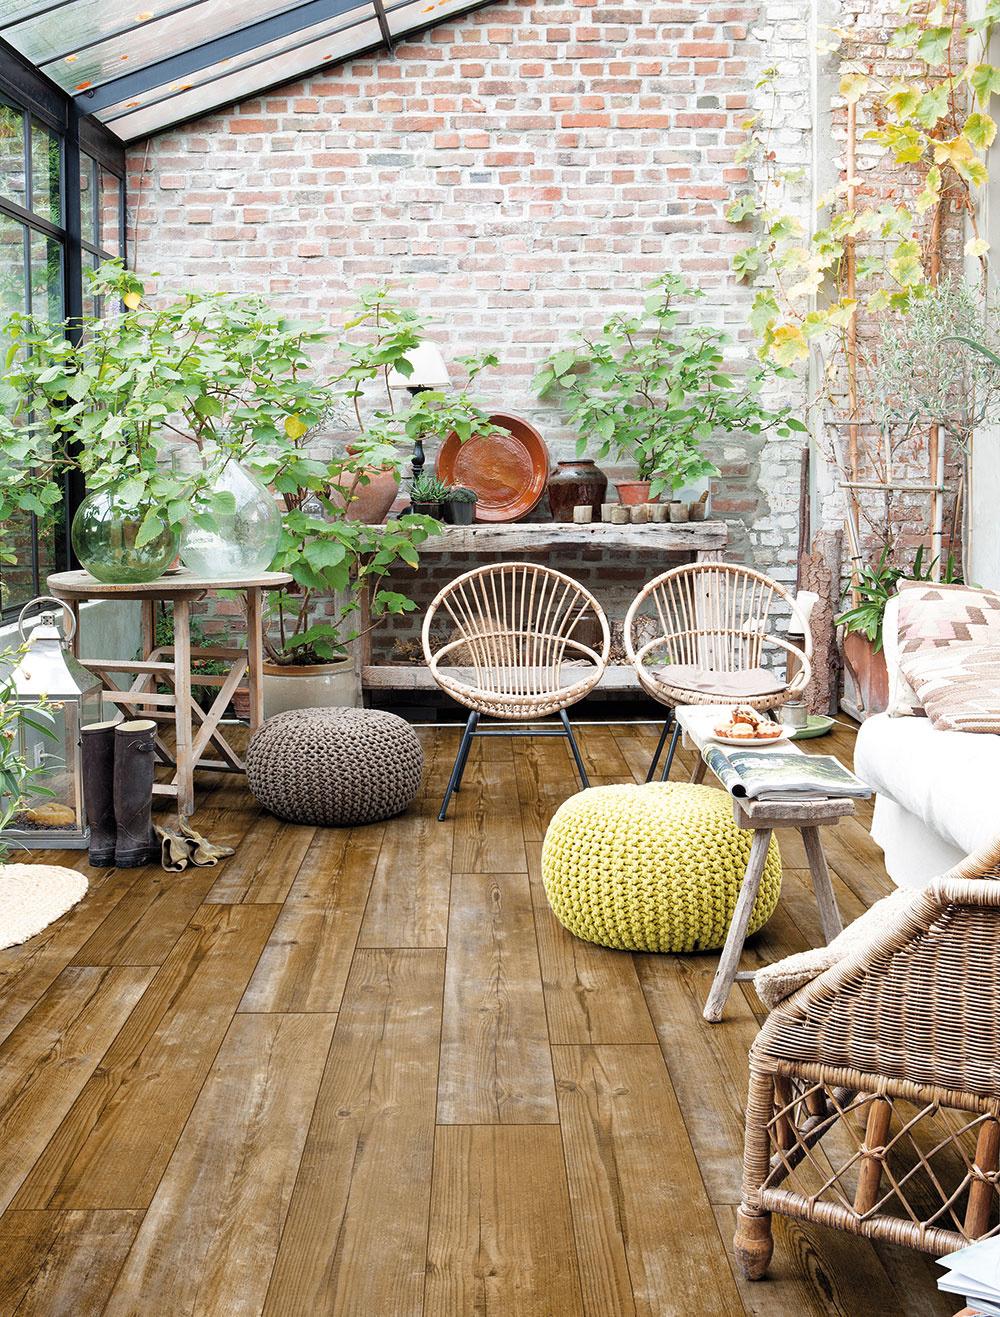 """Takmer ako skutočná Obľúbeným vzorom podlahovín zostáva dub. Dosky s """"nedokonalou"""" povrchovou úpravou sú vhodné najmä do ateliérových industriálnych interiérov či vidieckych domov. Moderné technológie umožňujú vytvoriť takmer vernú kópiu inak drahých materiálov, napríklad dosky so vzorom ohoreného sčernetého dreva. Prepracovaná štruktúra laminátovej podlahy tak vytvára autentický vzhľad a dojem skutočného dreva."""